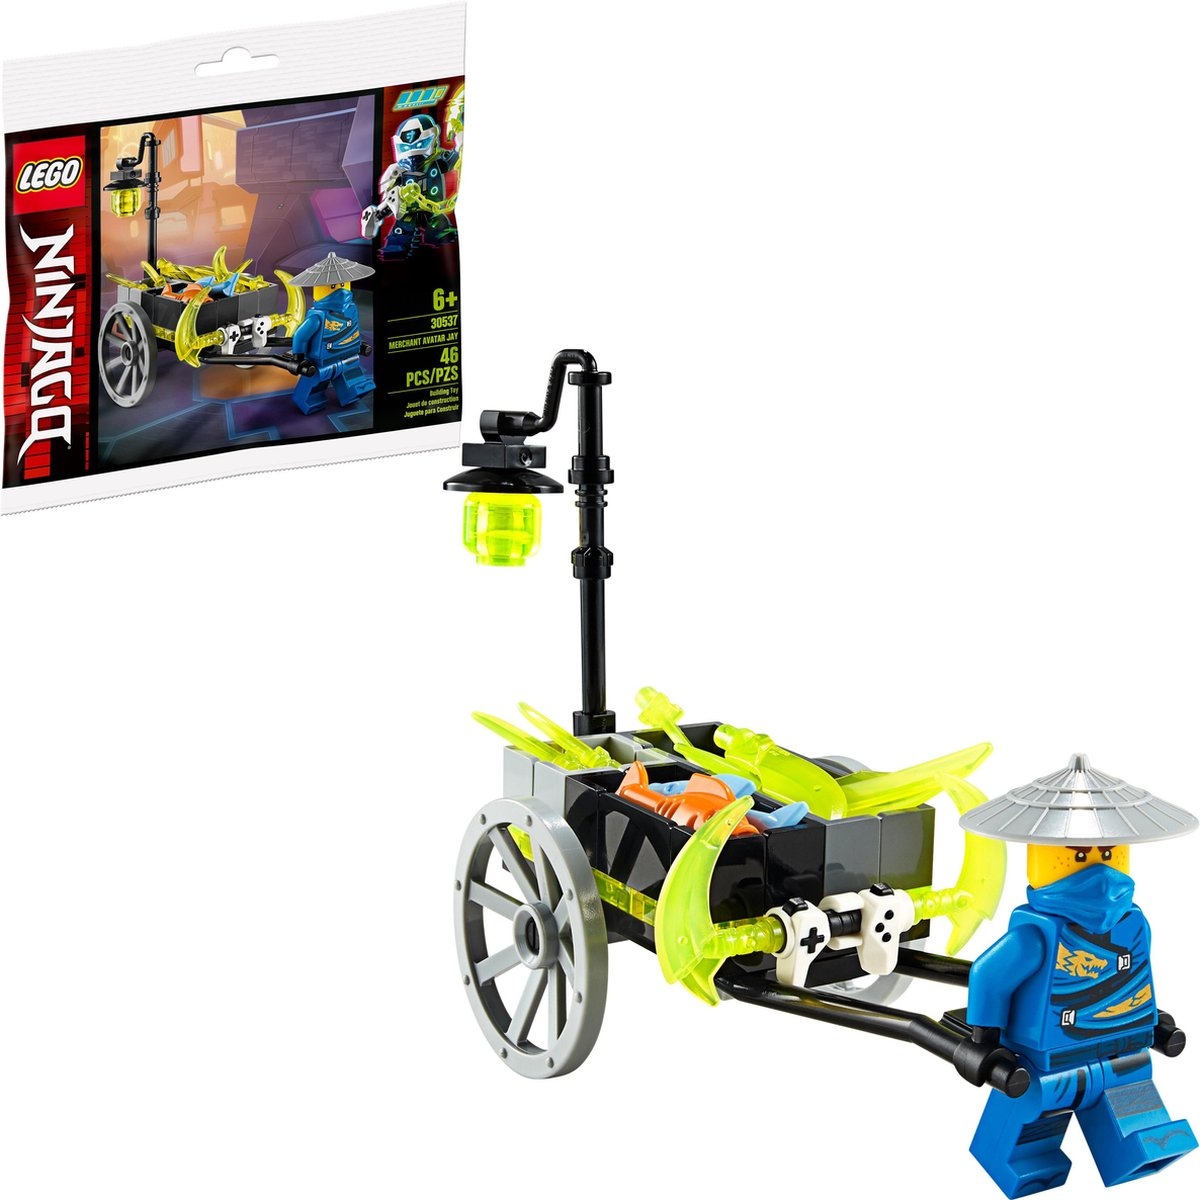 LEGO 30537 Merchant Avatar Jay polybag